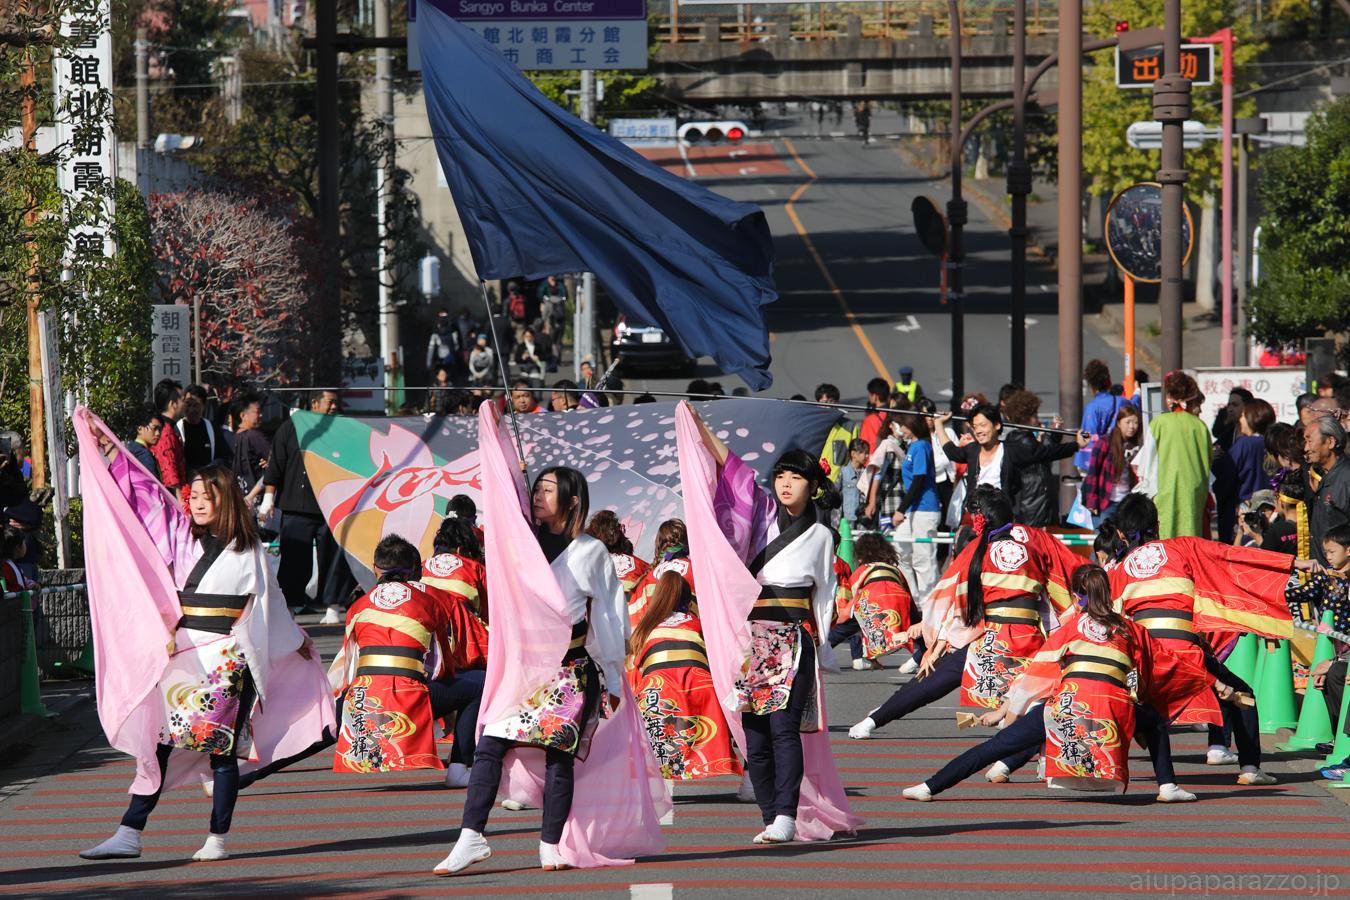 kabuki2016ran_oyachai-20.jpg